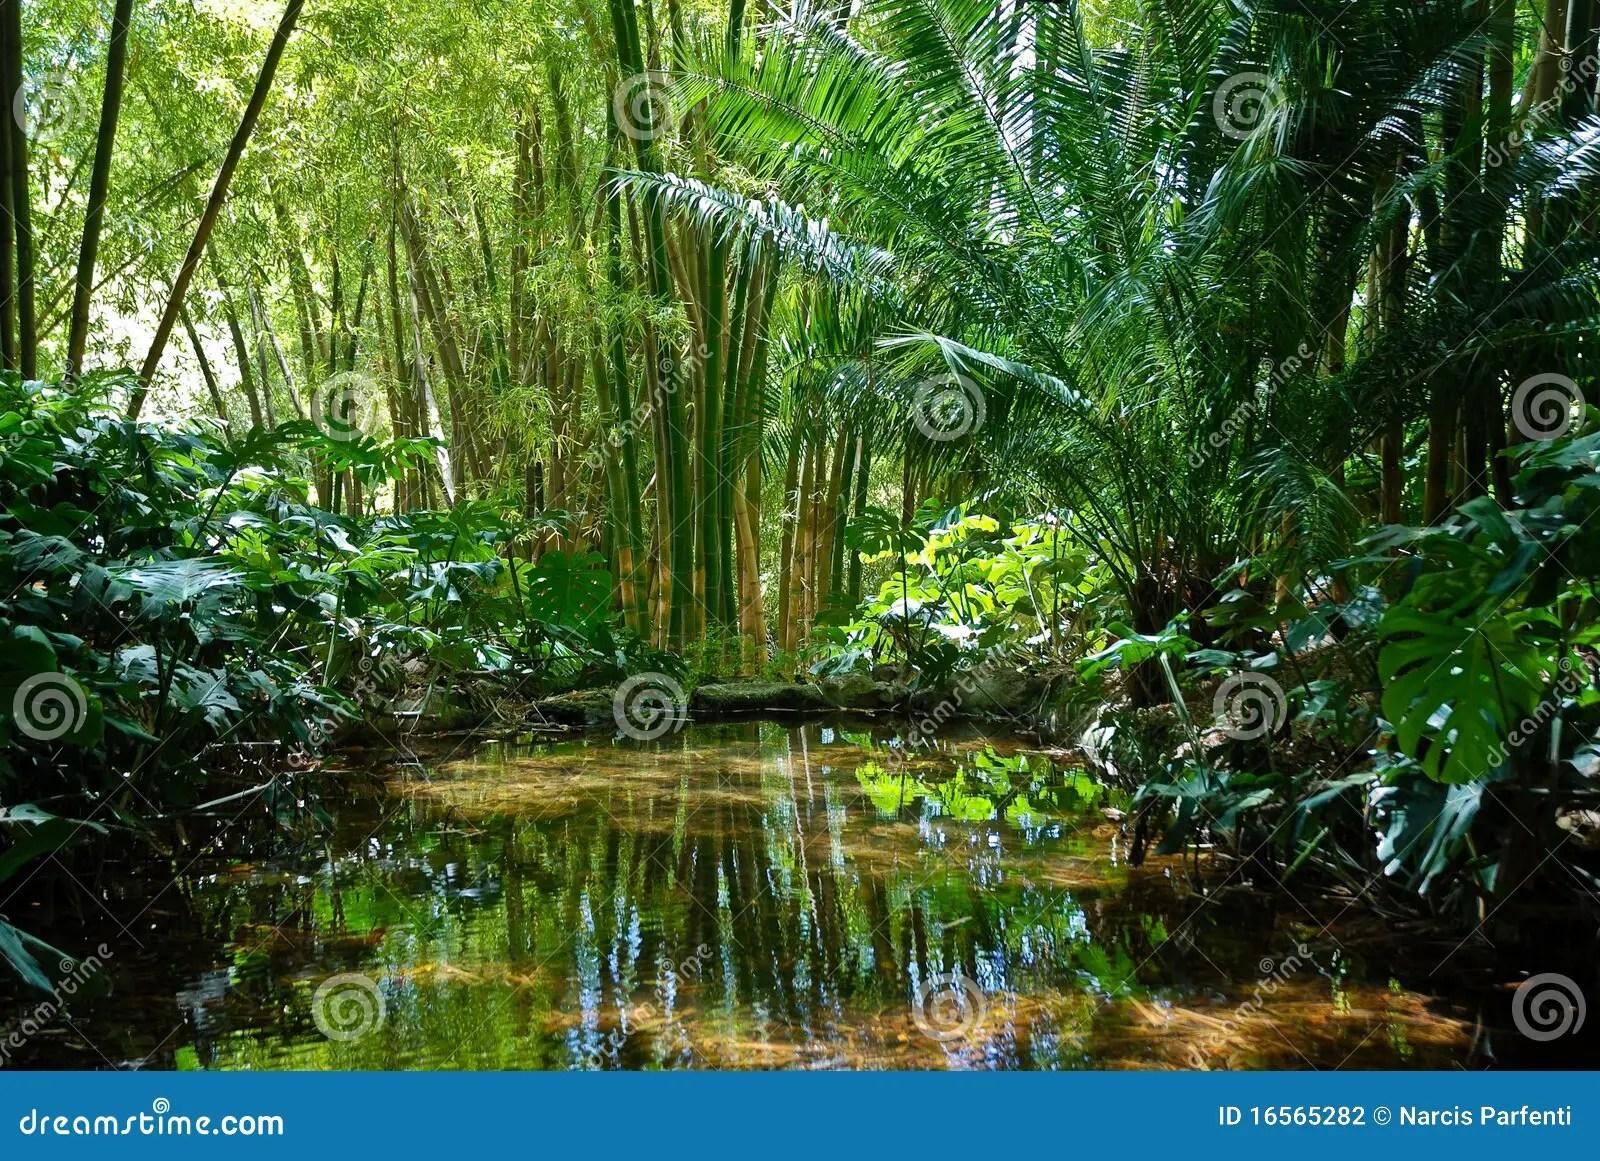 Paesaggio 2 della giungla fotografia stock Immagine di luce  16565282